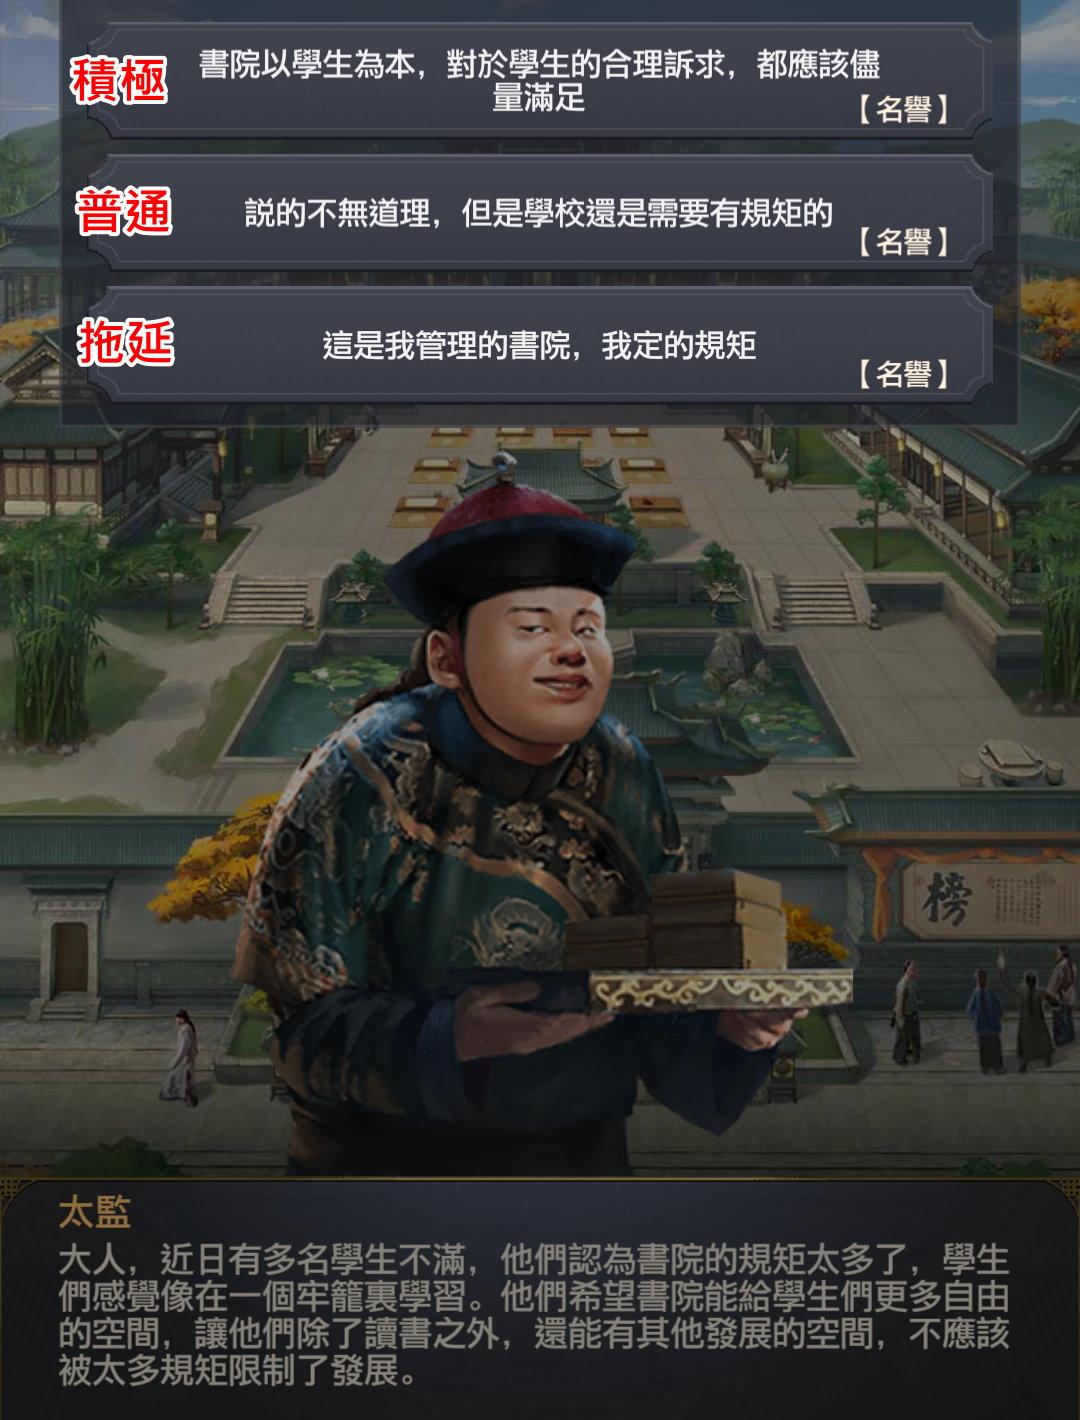 手機遊戲, 叫我官老爺, 應天書院, 事件